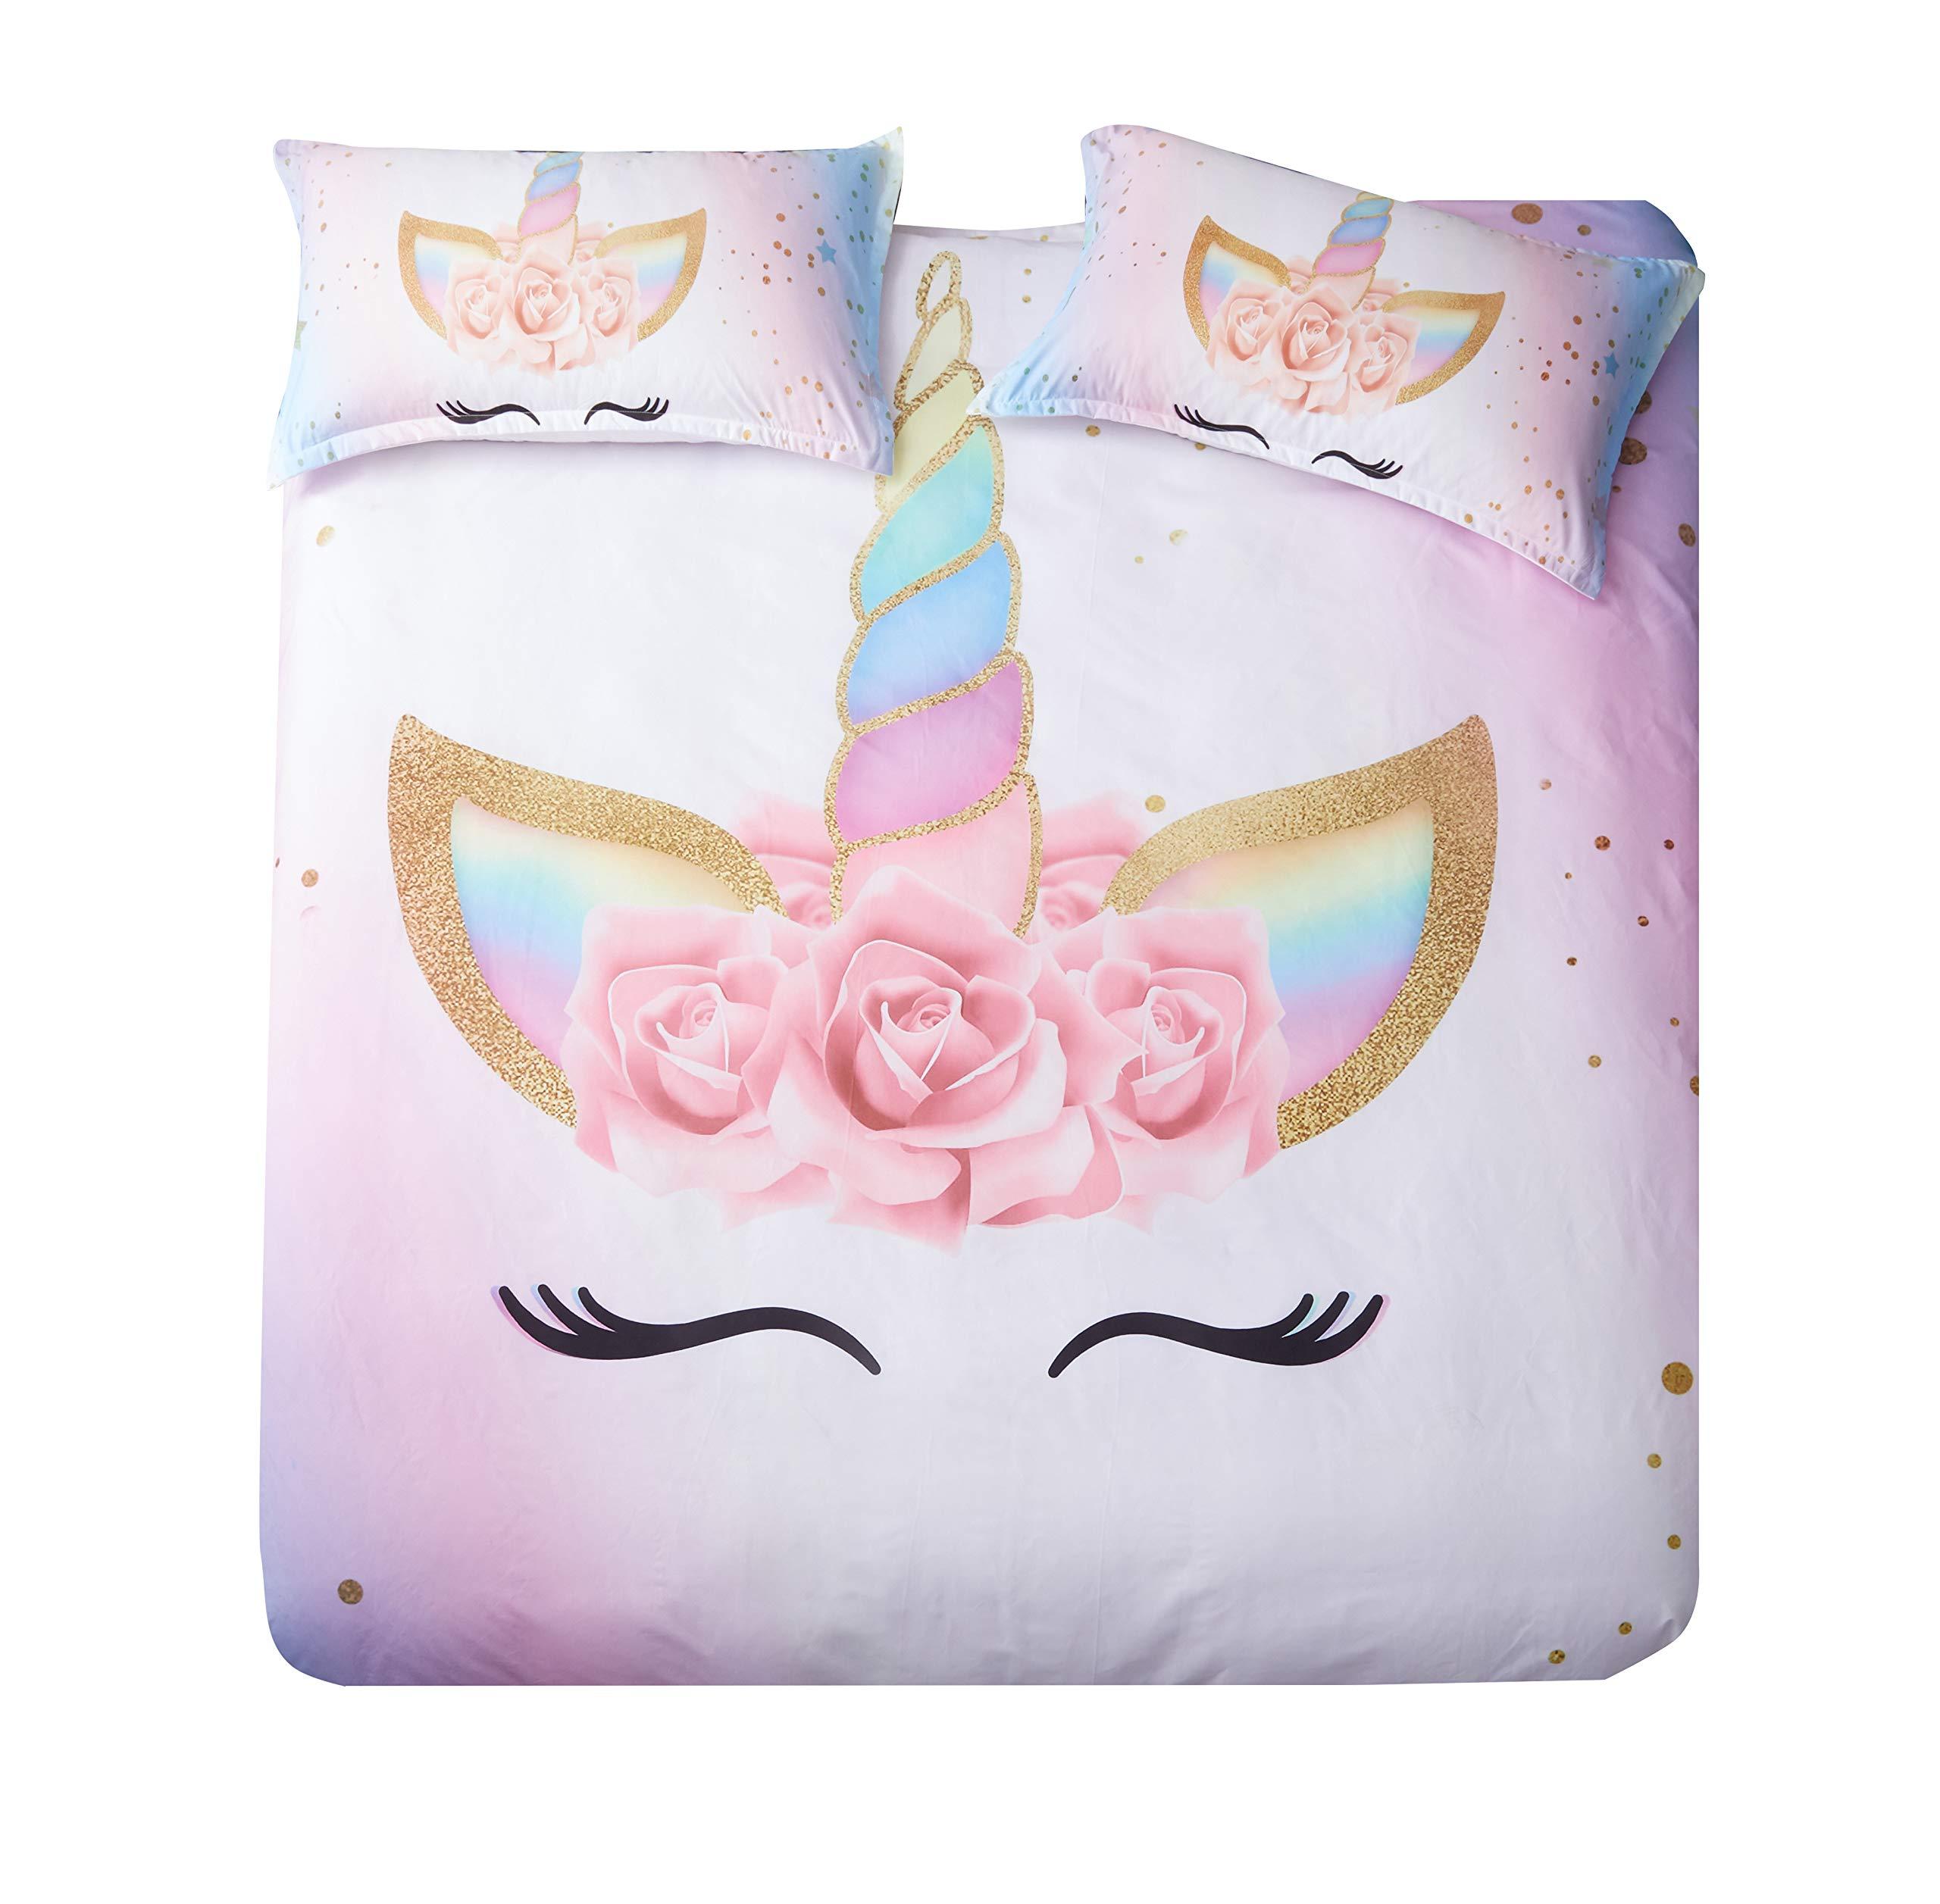 DEERHOME Unicorn Bedding 3 Piece Flower Girl Duvet Cover Set Cartoon Unicorn Bedspreads Cute Duvet Covers for Teens,Boys and Girls (#03, Twin) by DEERHOME